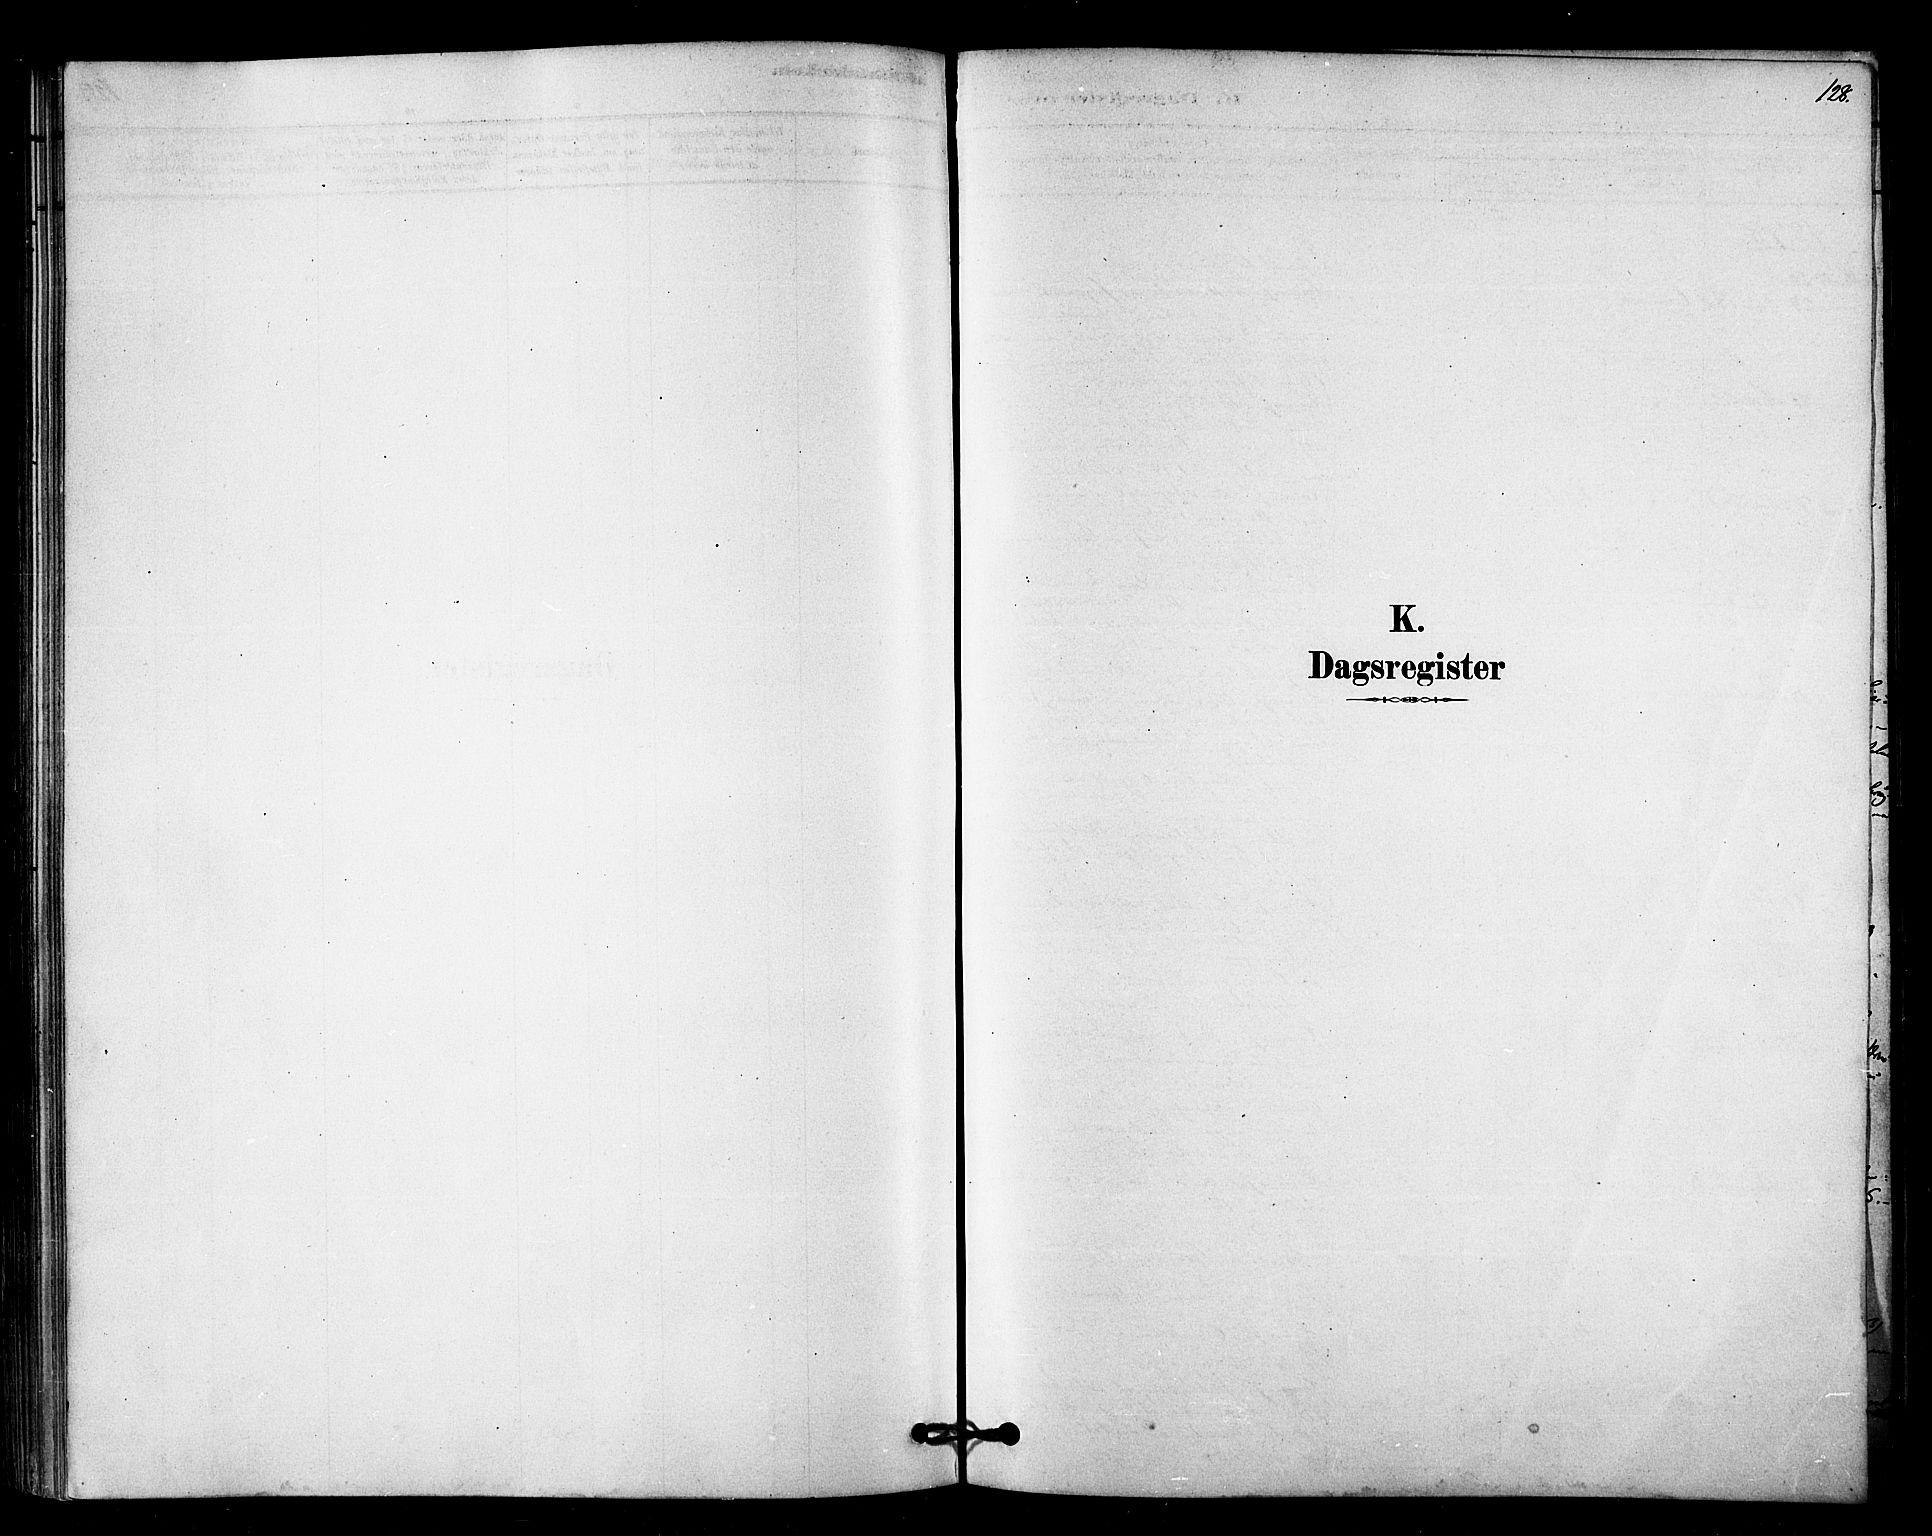 SATØ, Tana sokneprestkontor, H/Ha/L0003kirke: Ministerialbok nr. 3, 1878-1892, s. 128